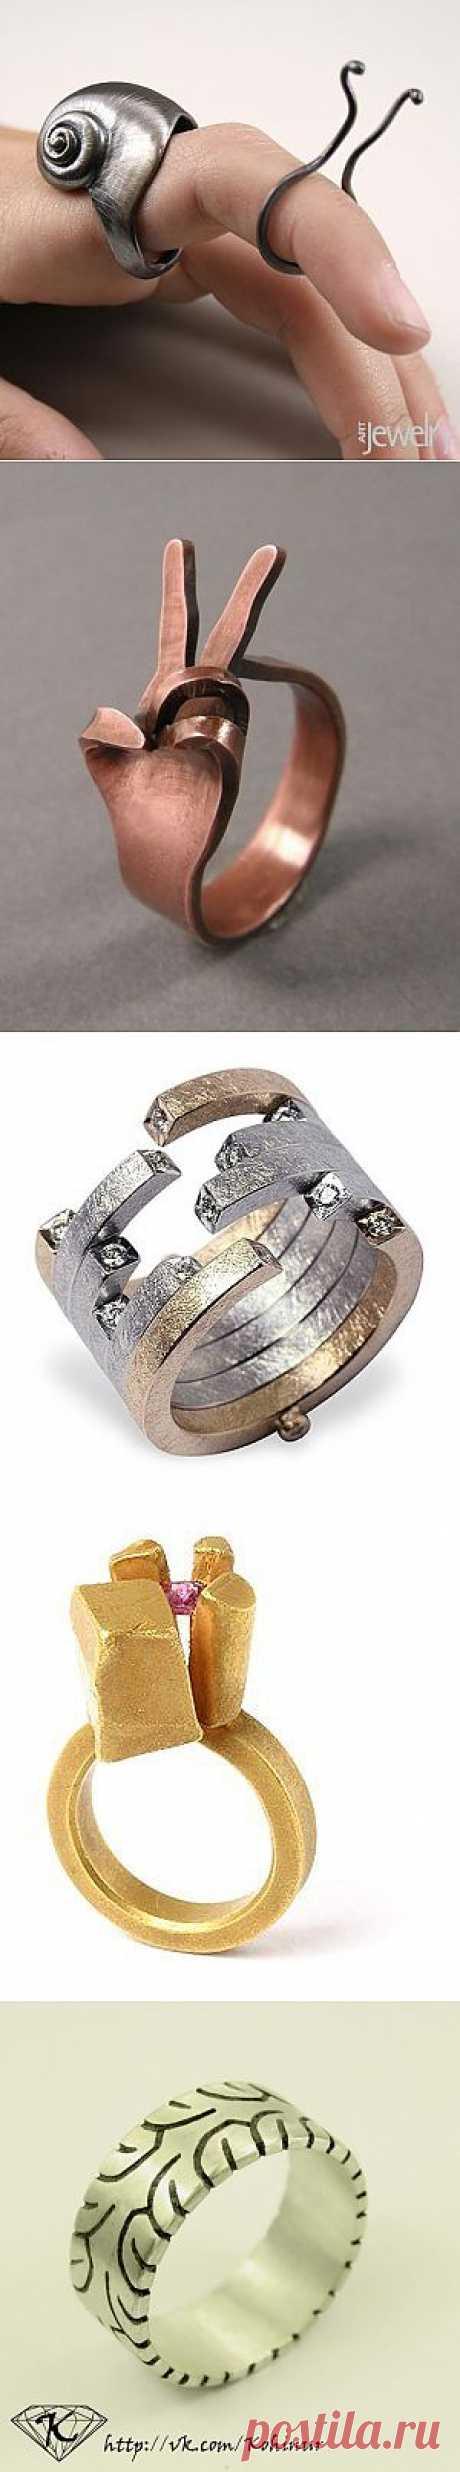 Занятные кольца, часть 2 (трафик) / Ювелирные украшения / ВТОРАЯ УЛИЦА